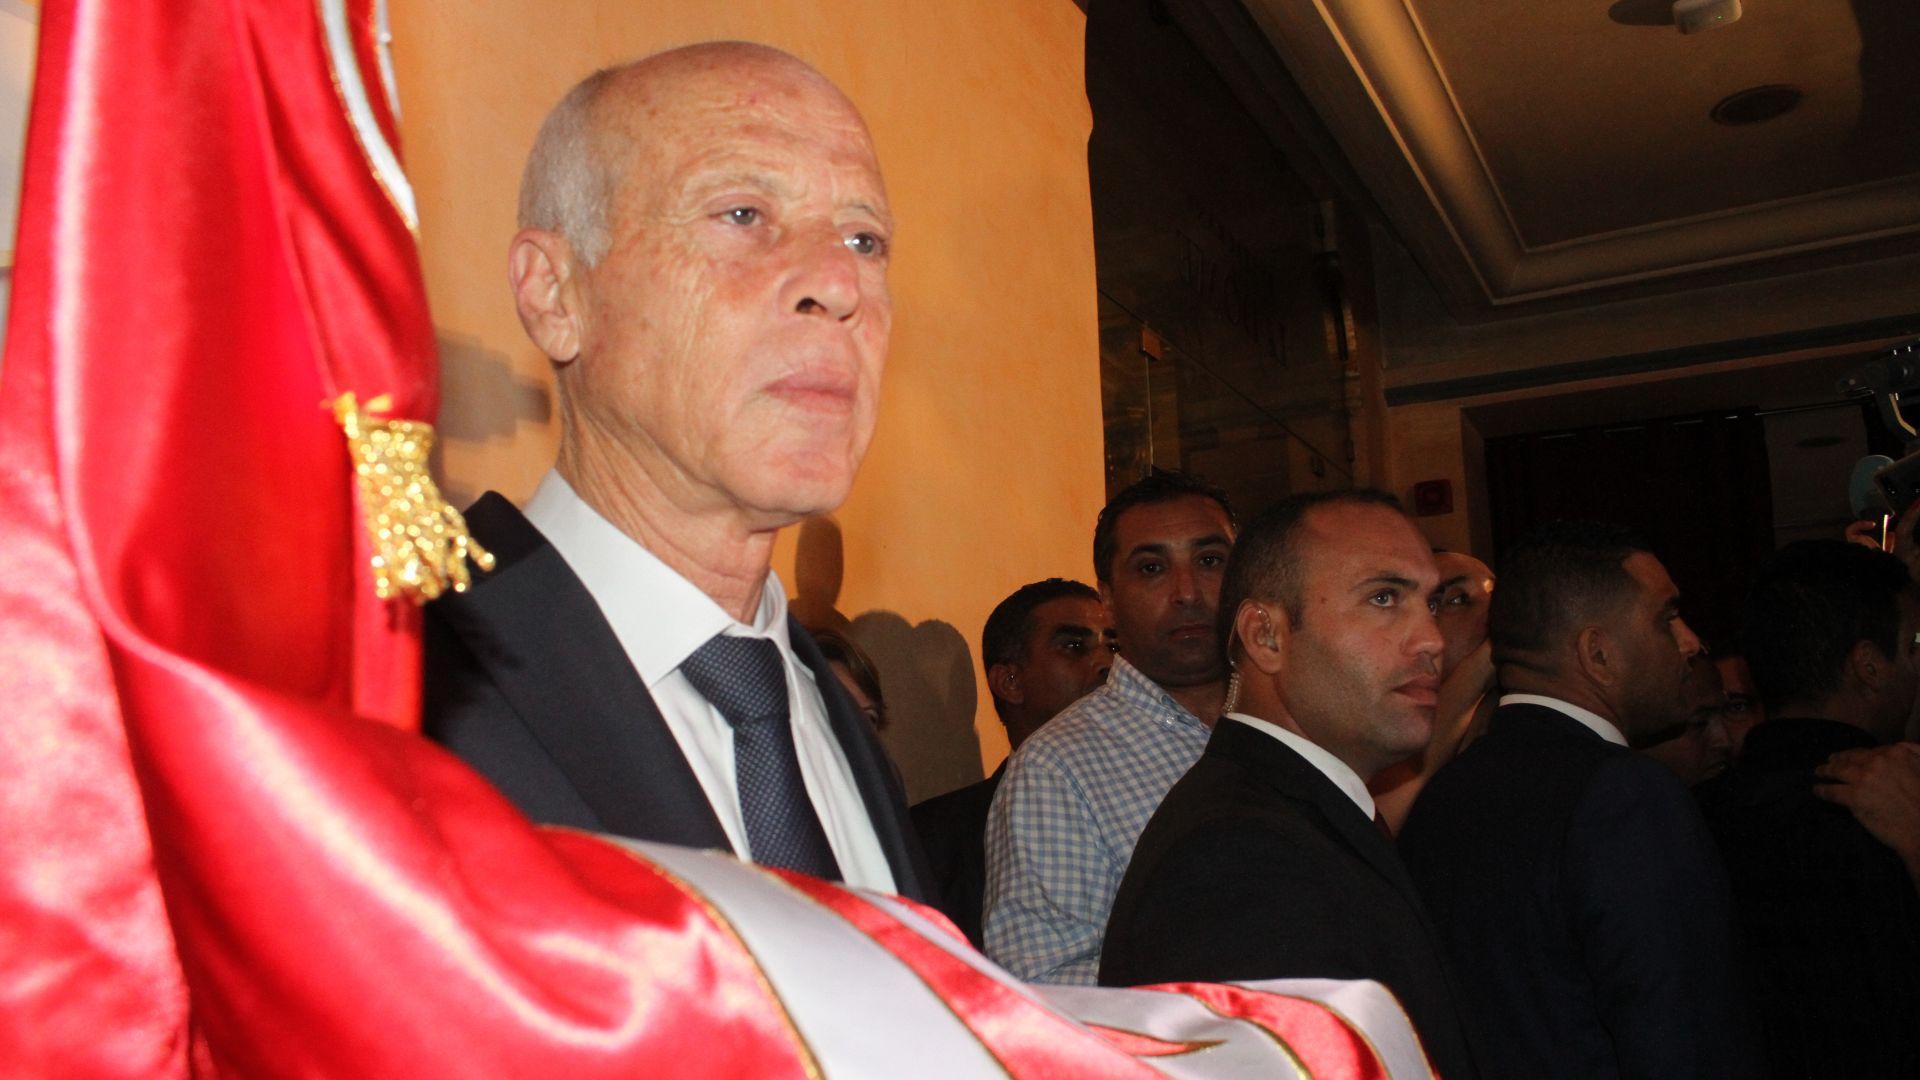 Юристът Каис Сайед бе избран за президент на Тунис със